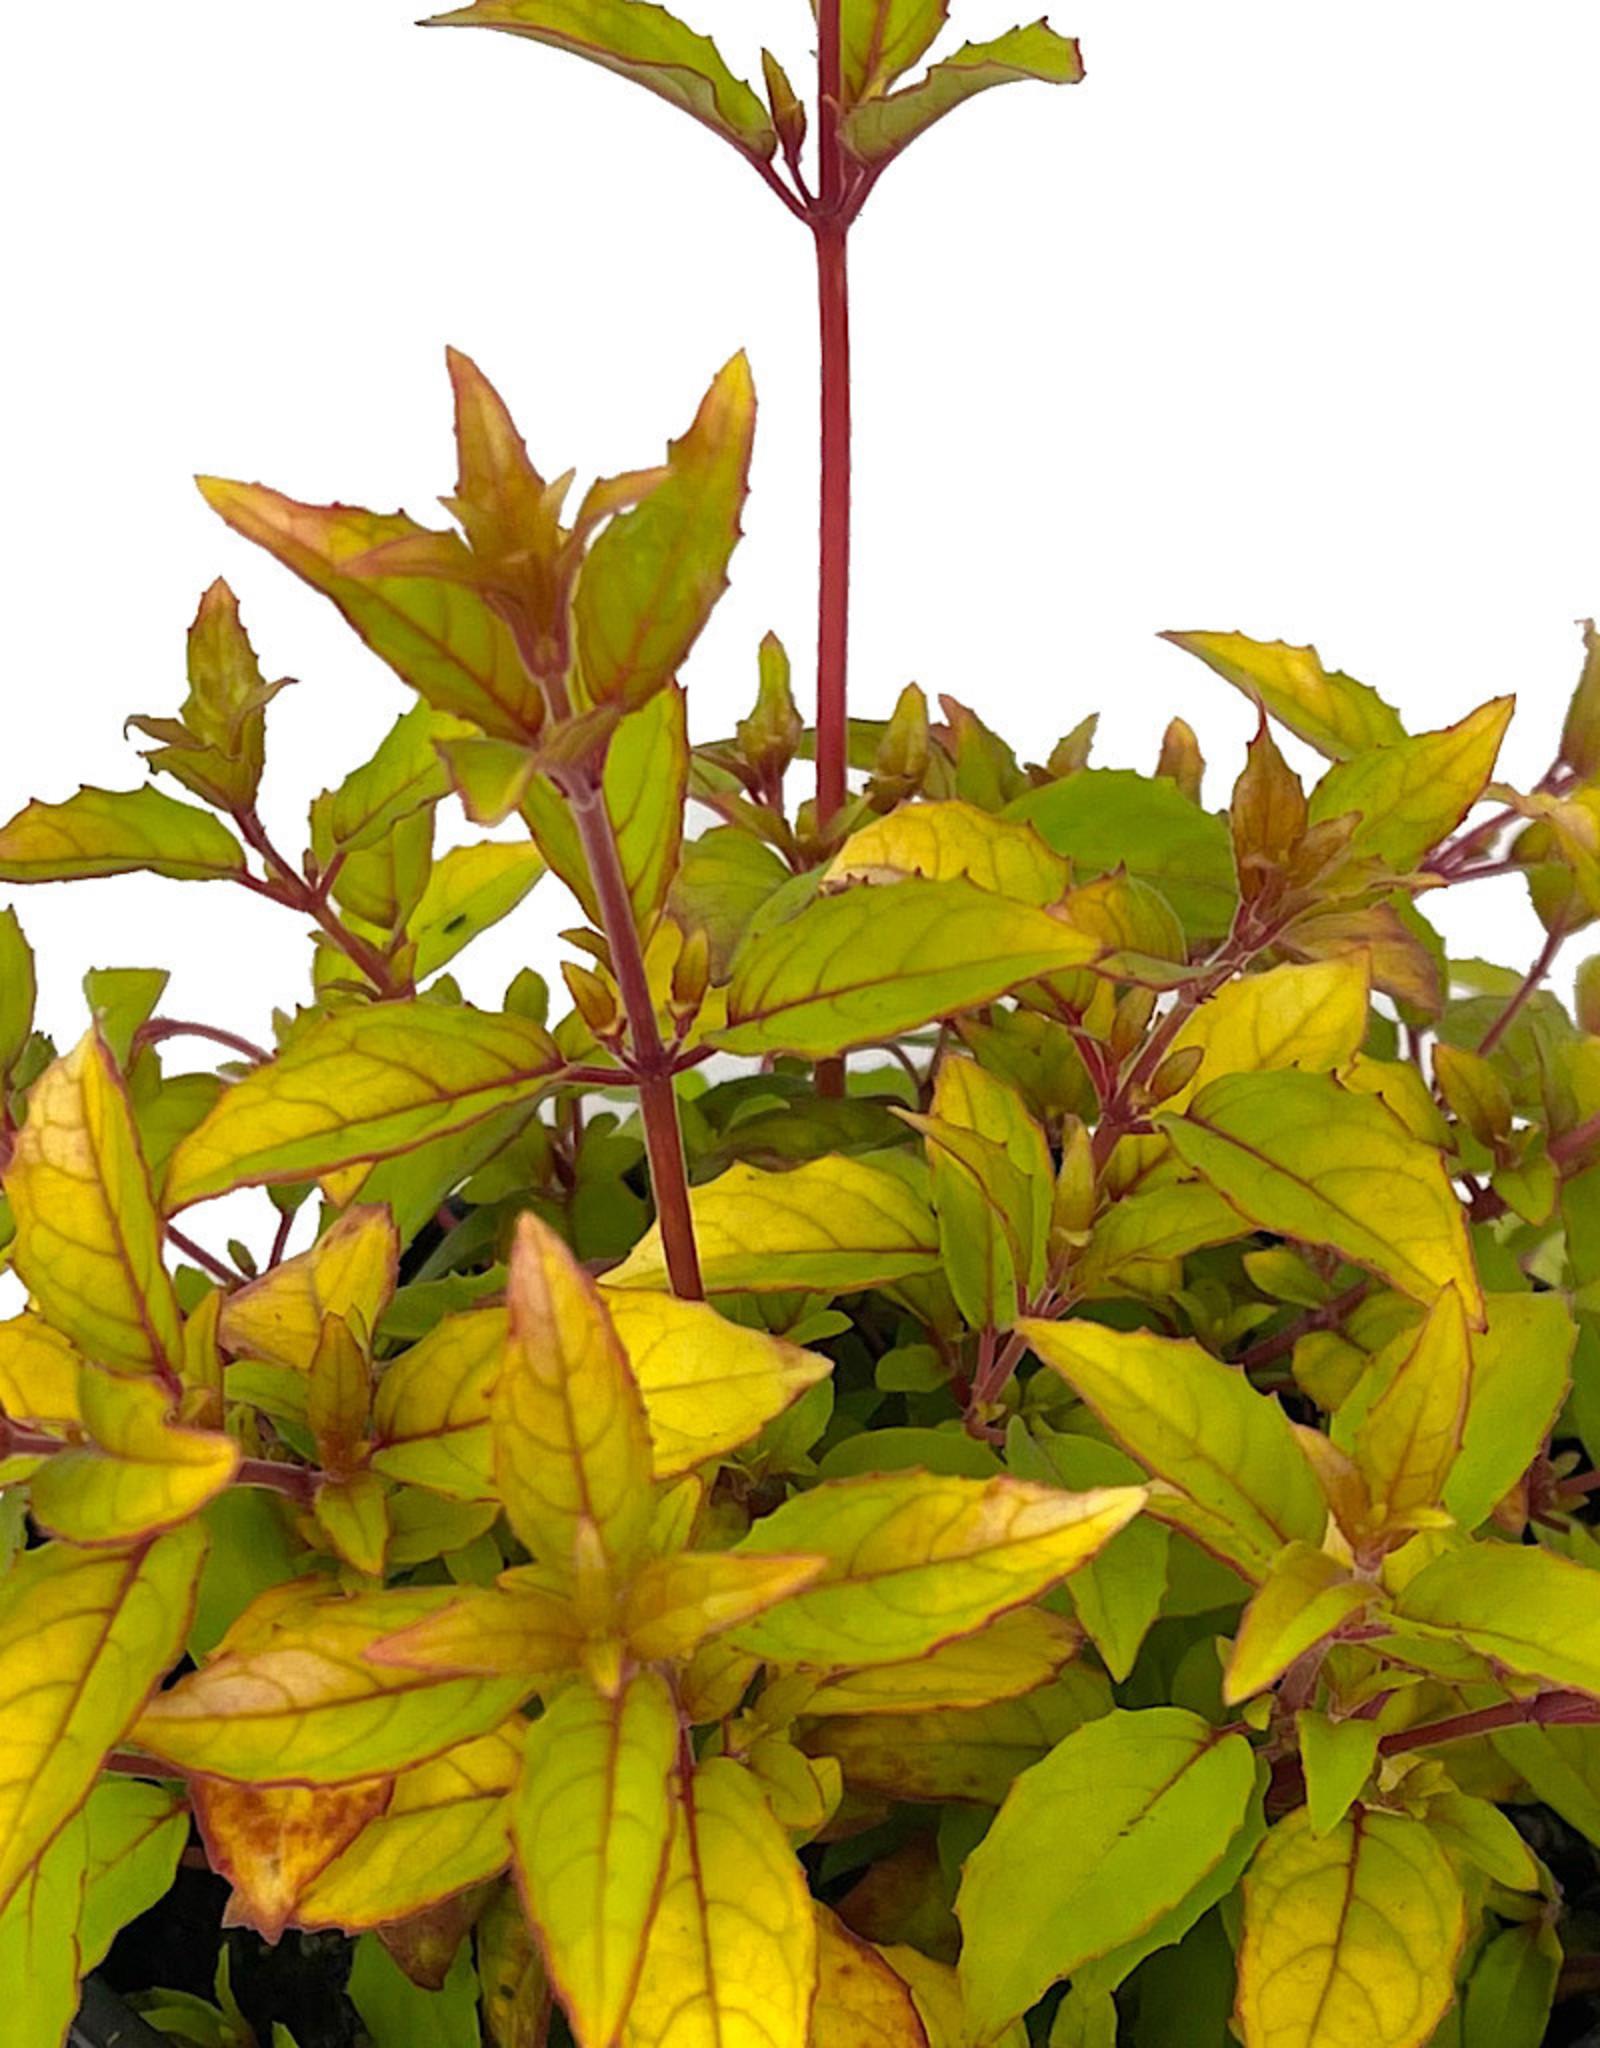 Fuchsia m. 'Aurea' 1 Gallon